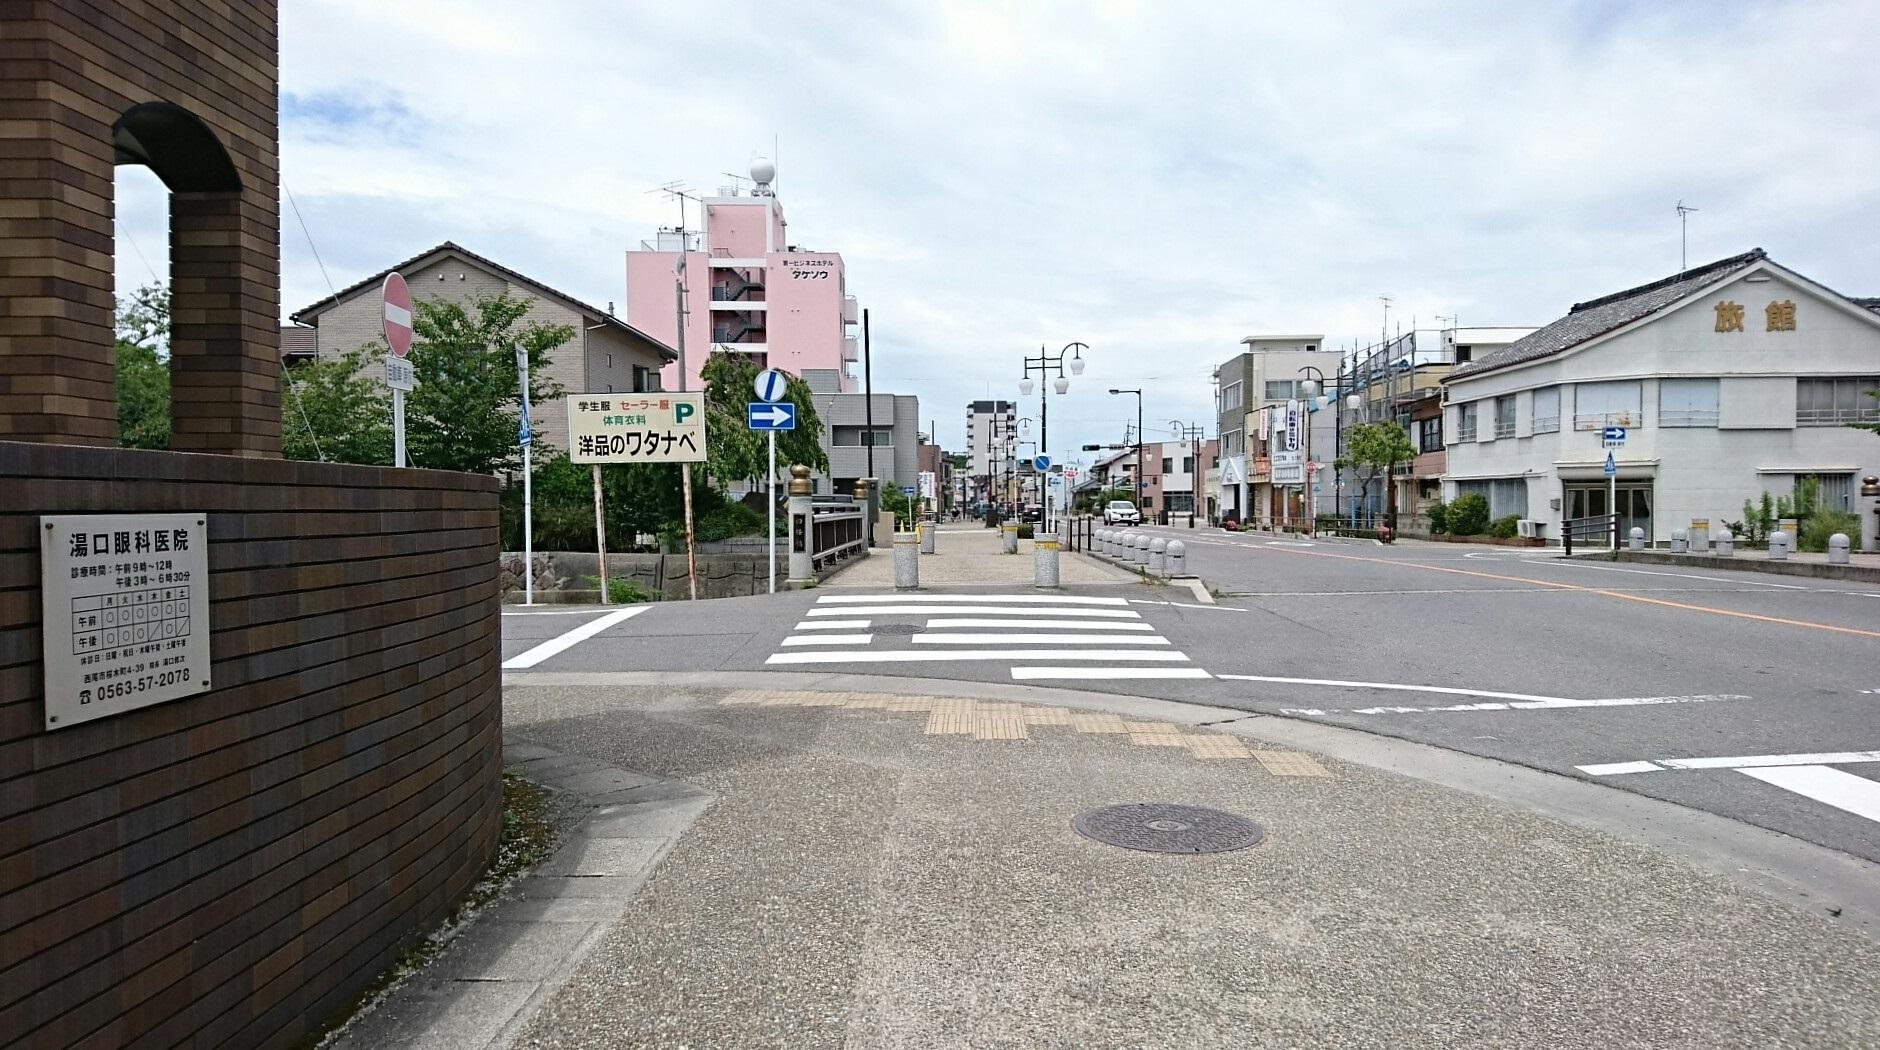 2017.7.21 西尾 (2) 四条橋 1880-1050